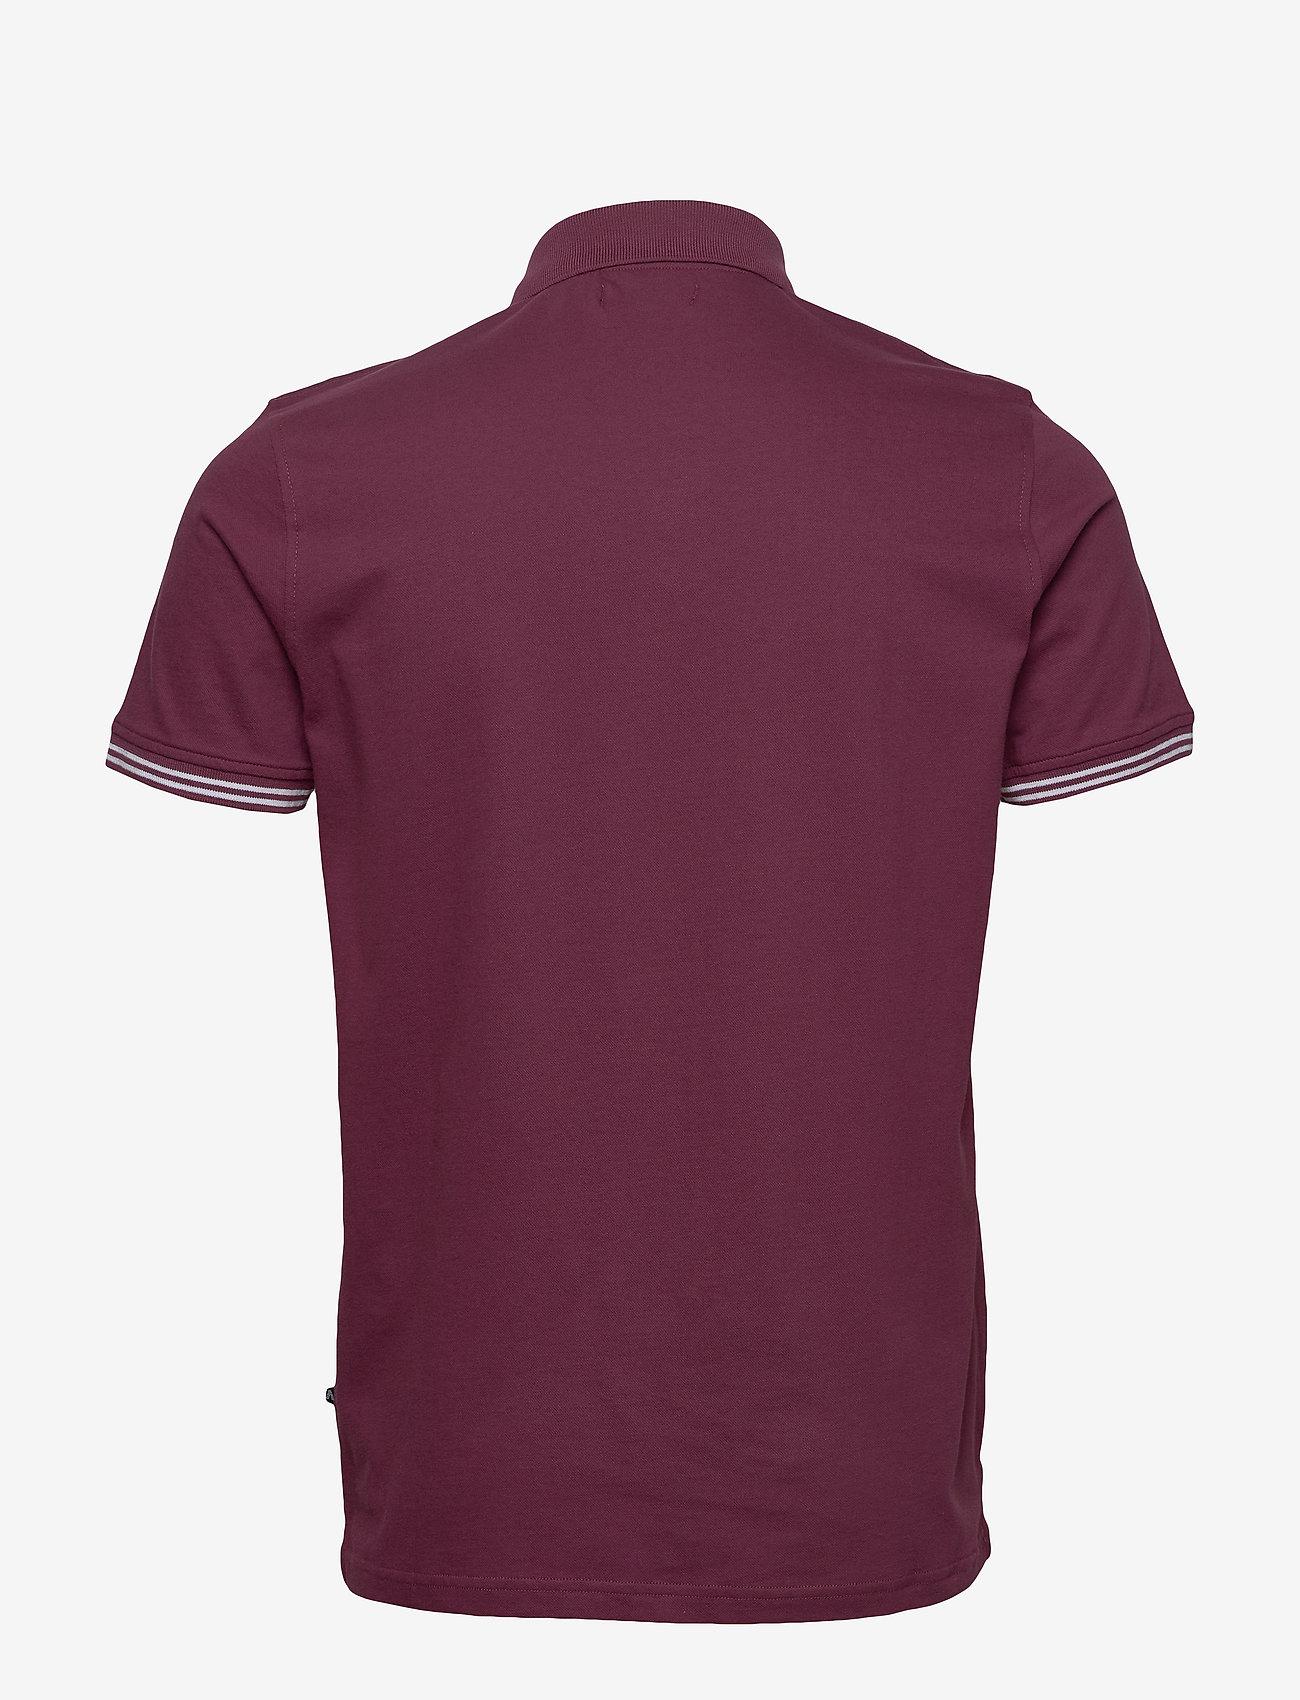 Matinique MApoleo DS - Poloskjorter GRAPE WINE - Menn Klær